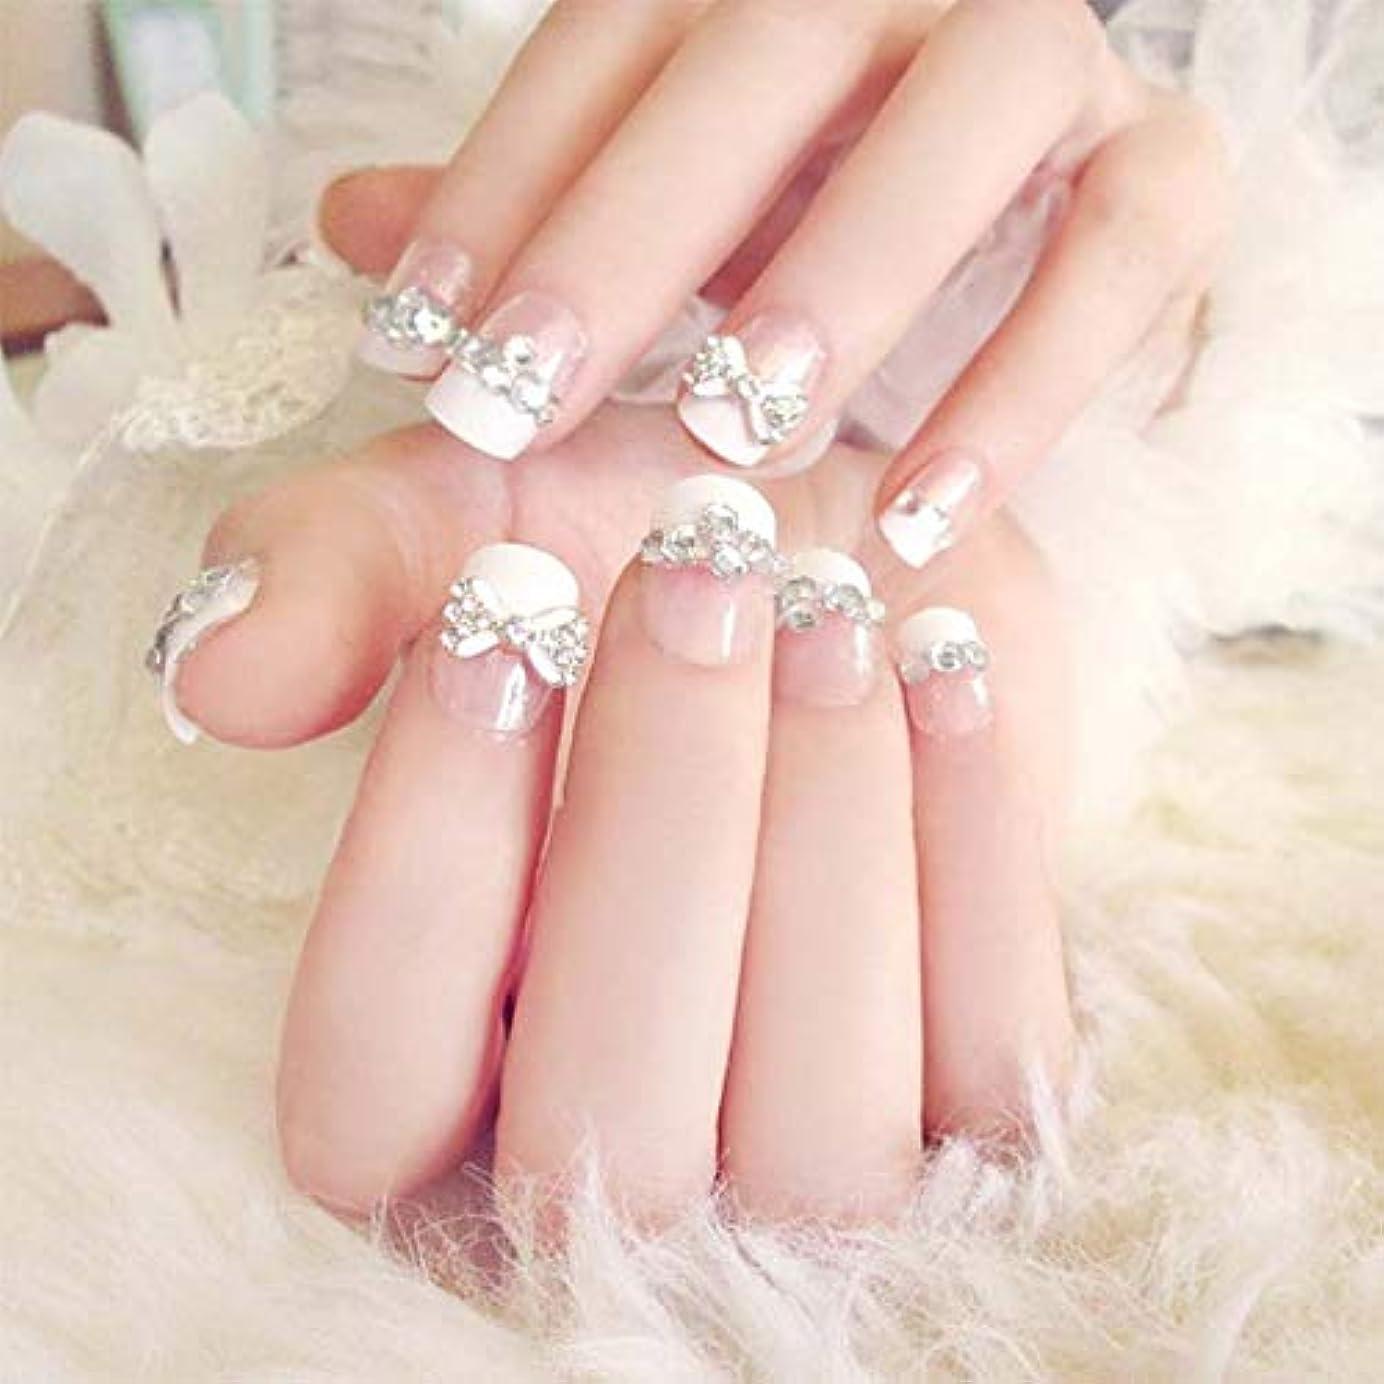 ゴミ人種内部XUTXZKA 24個/セット偽の爪の結婚式の花嫁フルネイルのヒントミドルロング偽ネイル